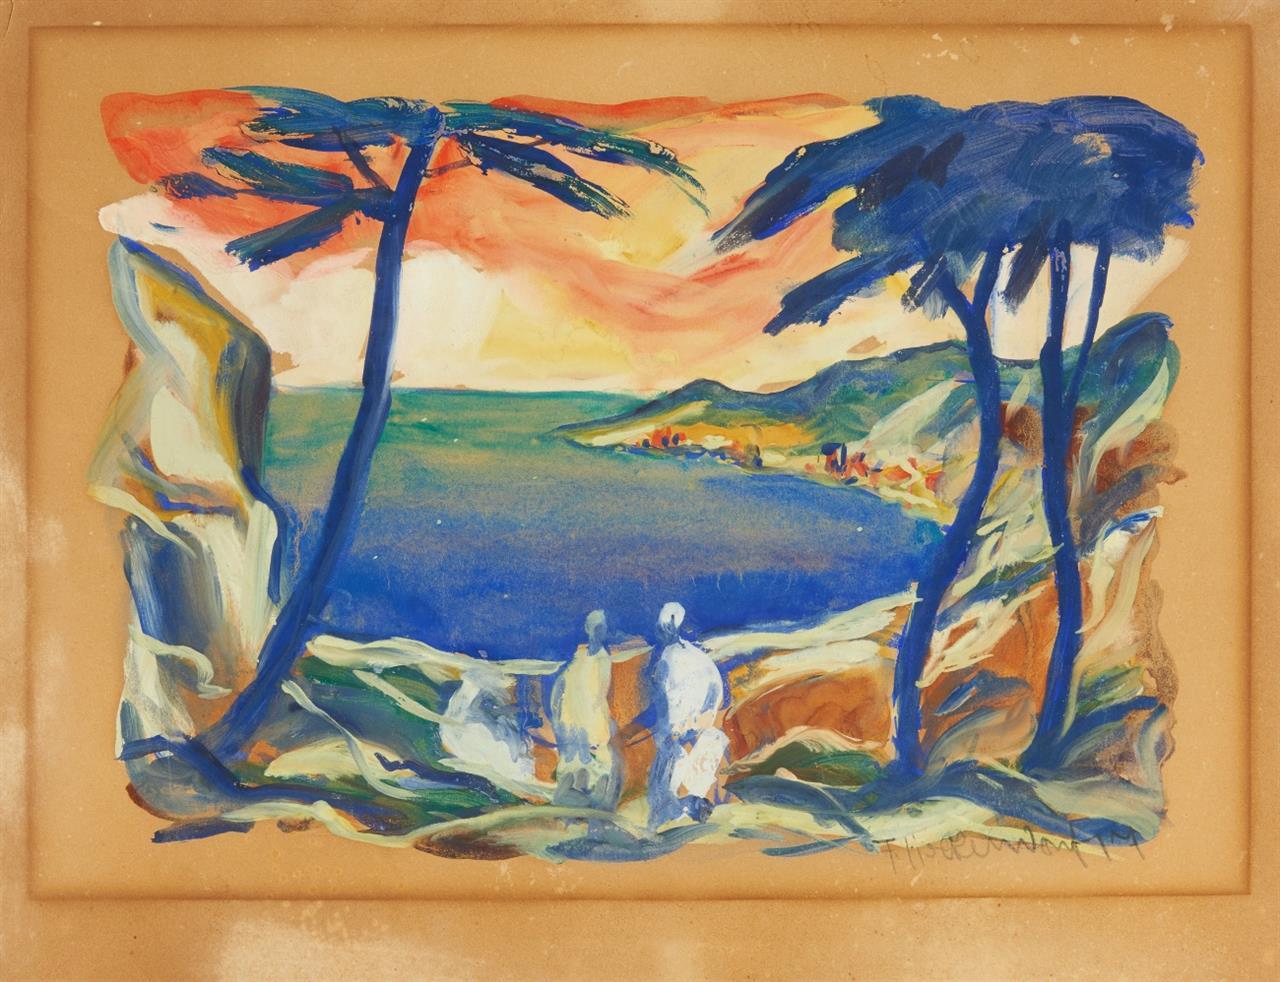 Franz Heckendorf. Meeresbucht. 1917. Aquarell und Gouache. Signiert.